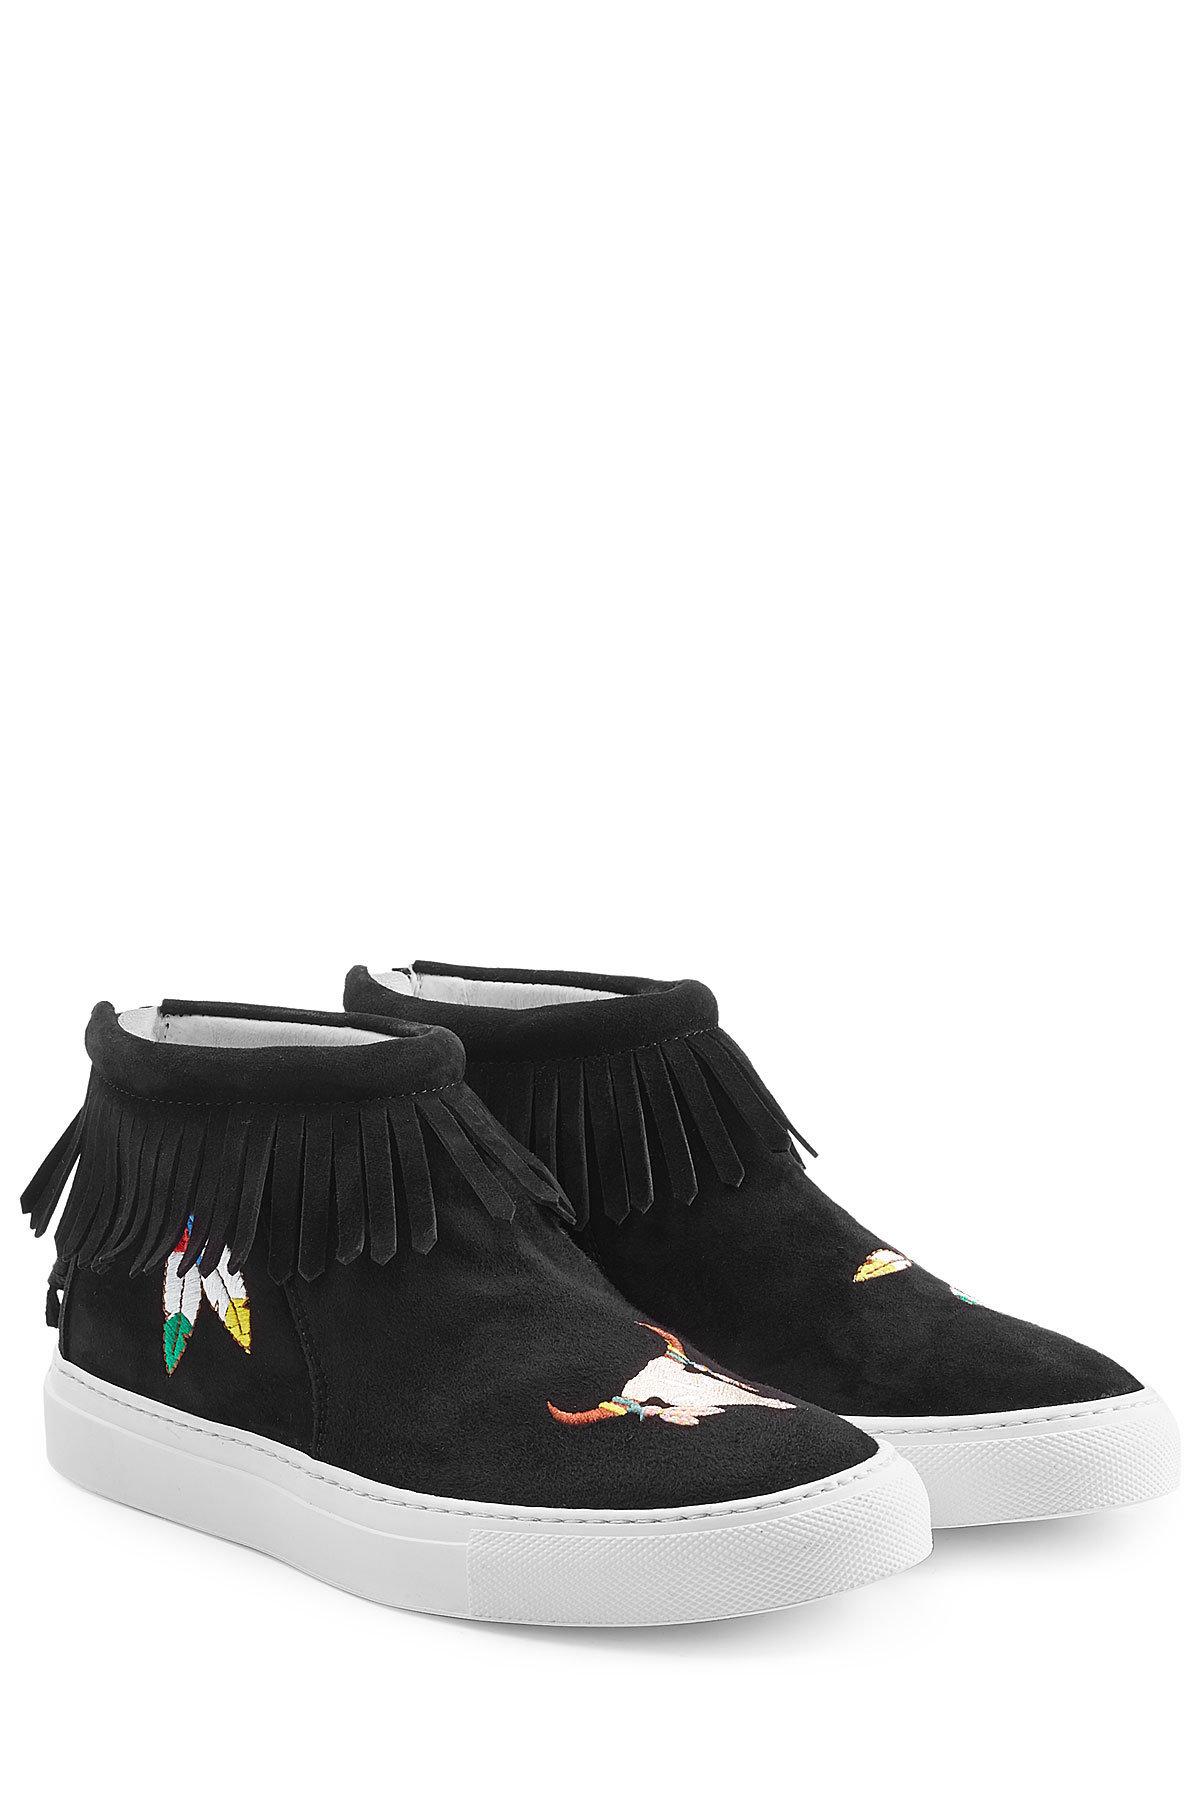 JOSHUA SANDERS Fabric Slip On Sneakers with Zippers Gr. EU 41 JsJBgW0kyi